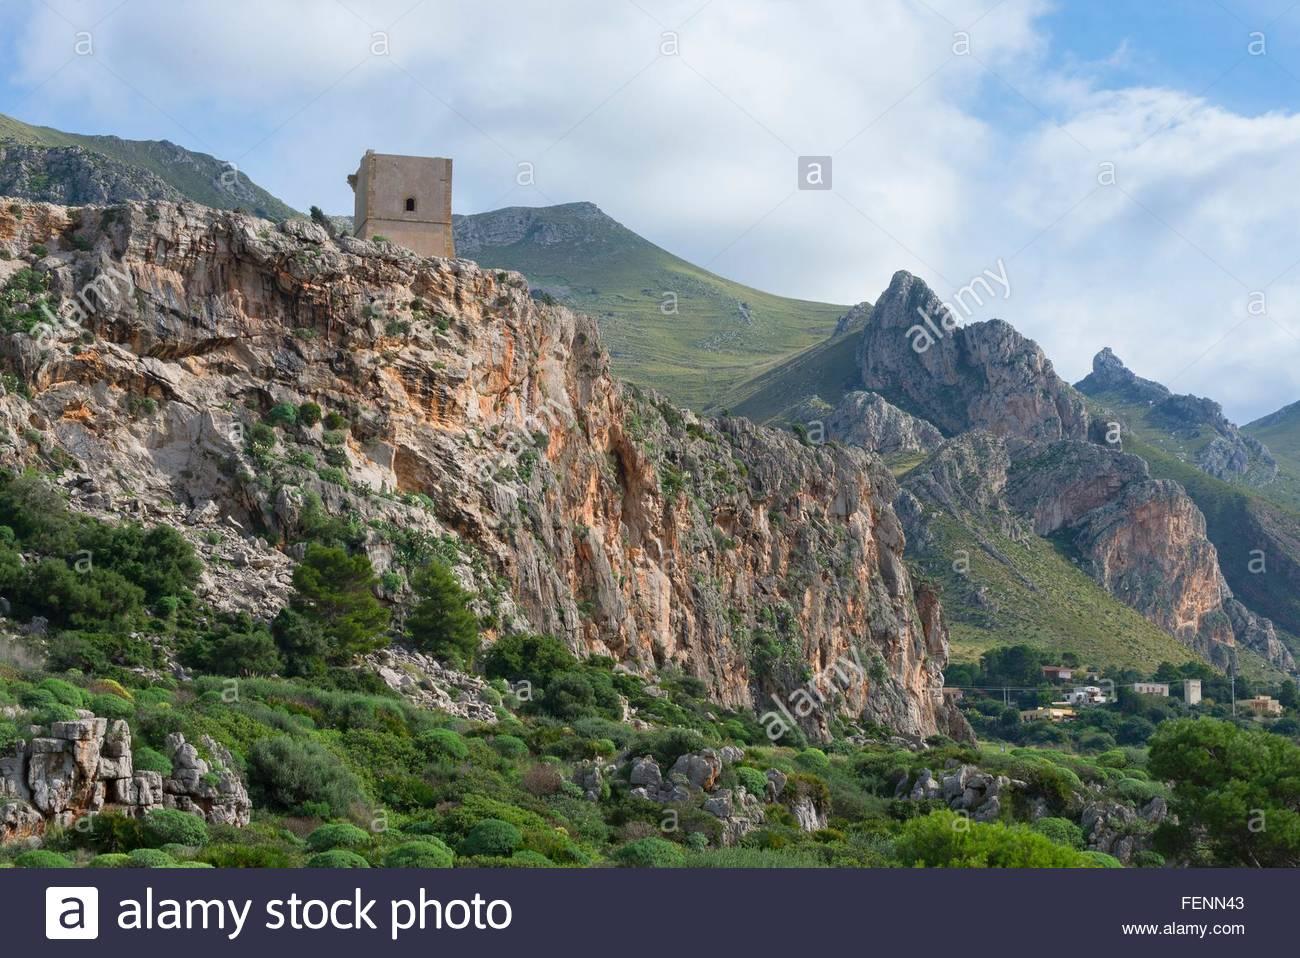 Vistas a la montaña elevada torre, Macari, San Vito Lo Capo, Sicilia, Italia Imagen De Stock